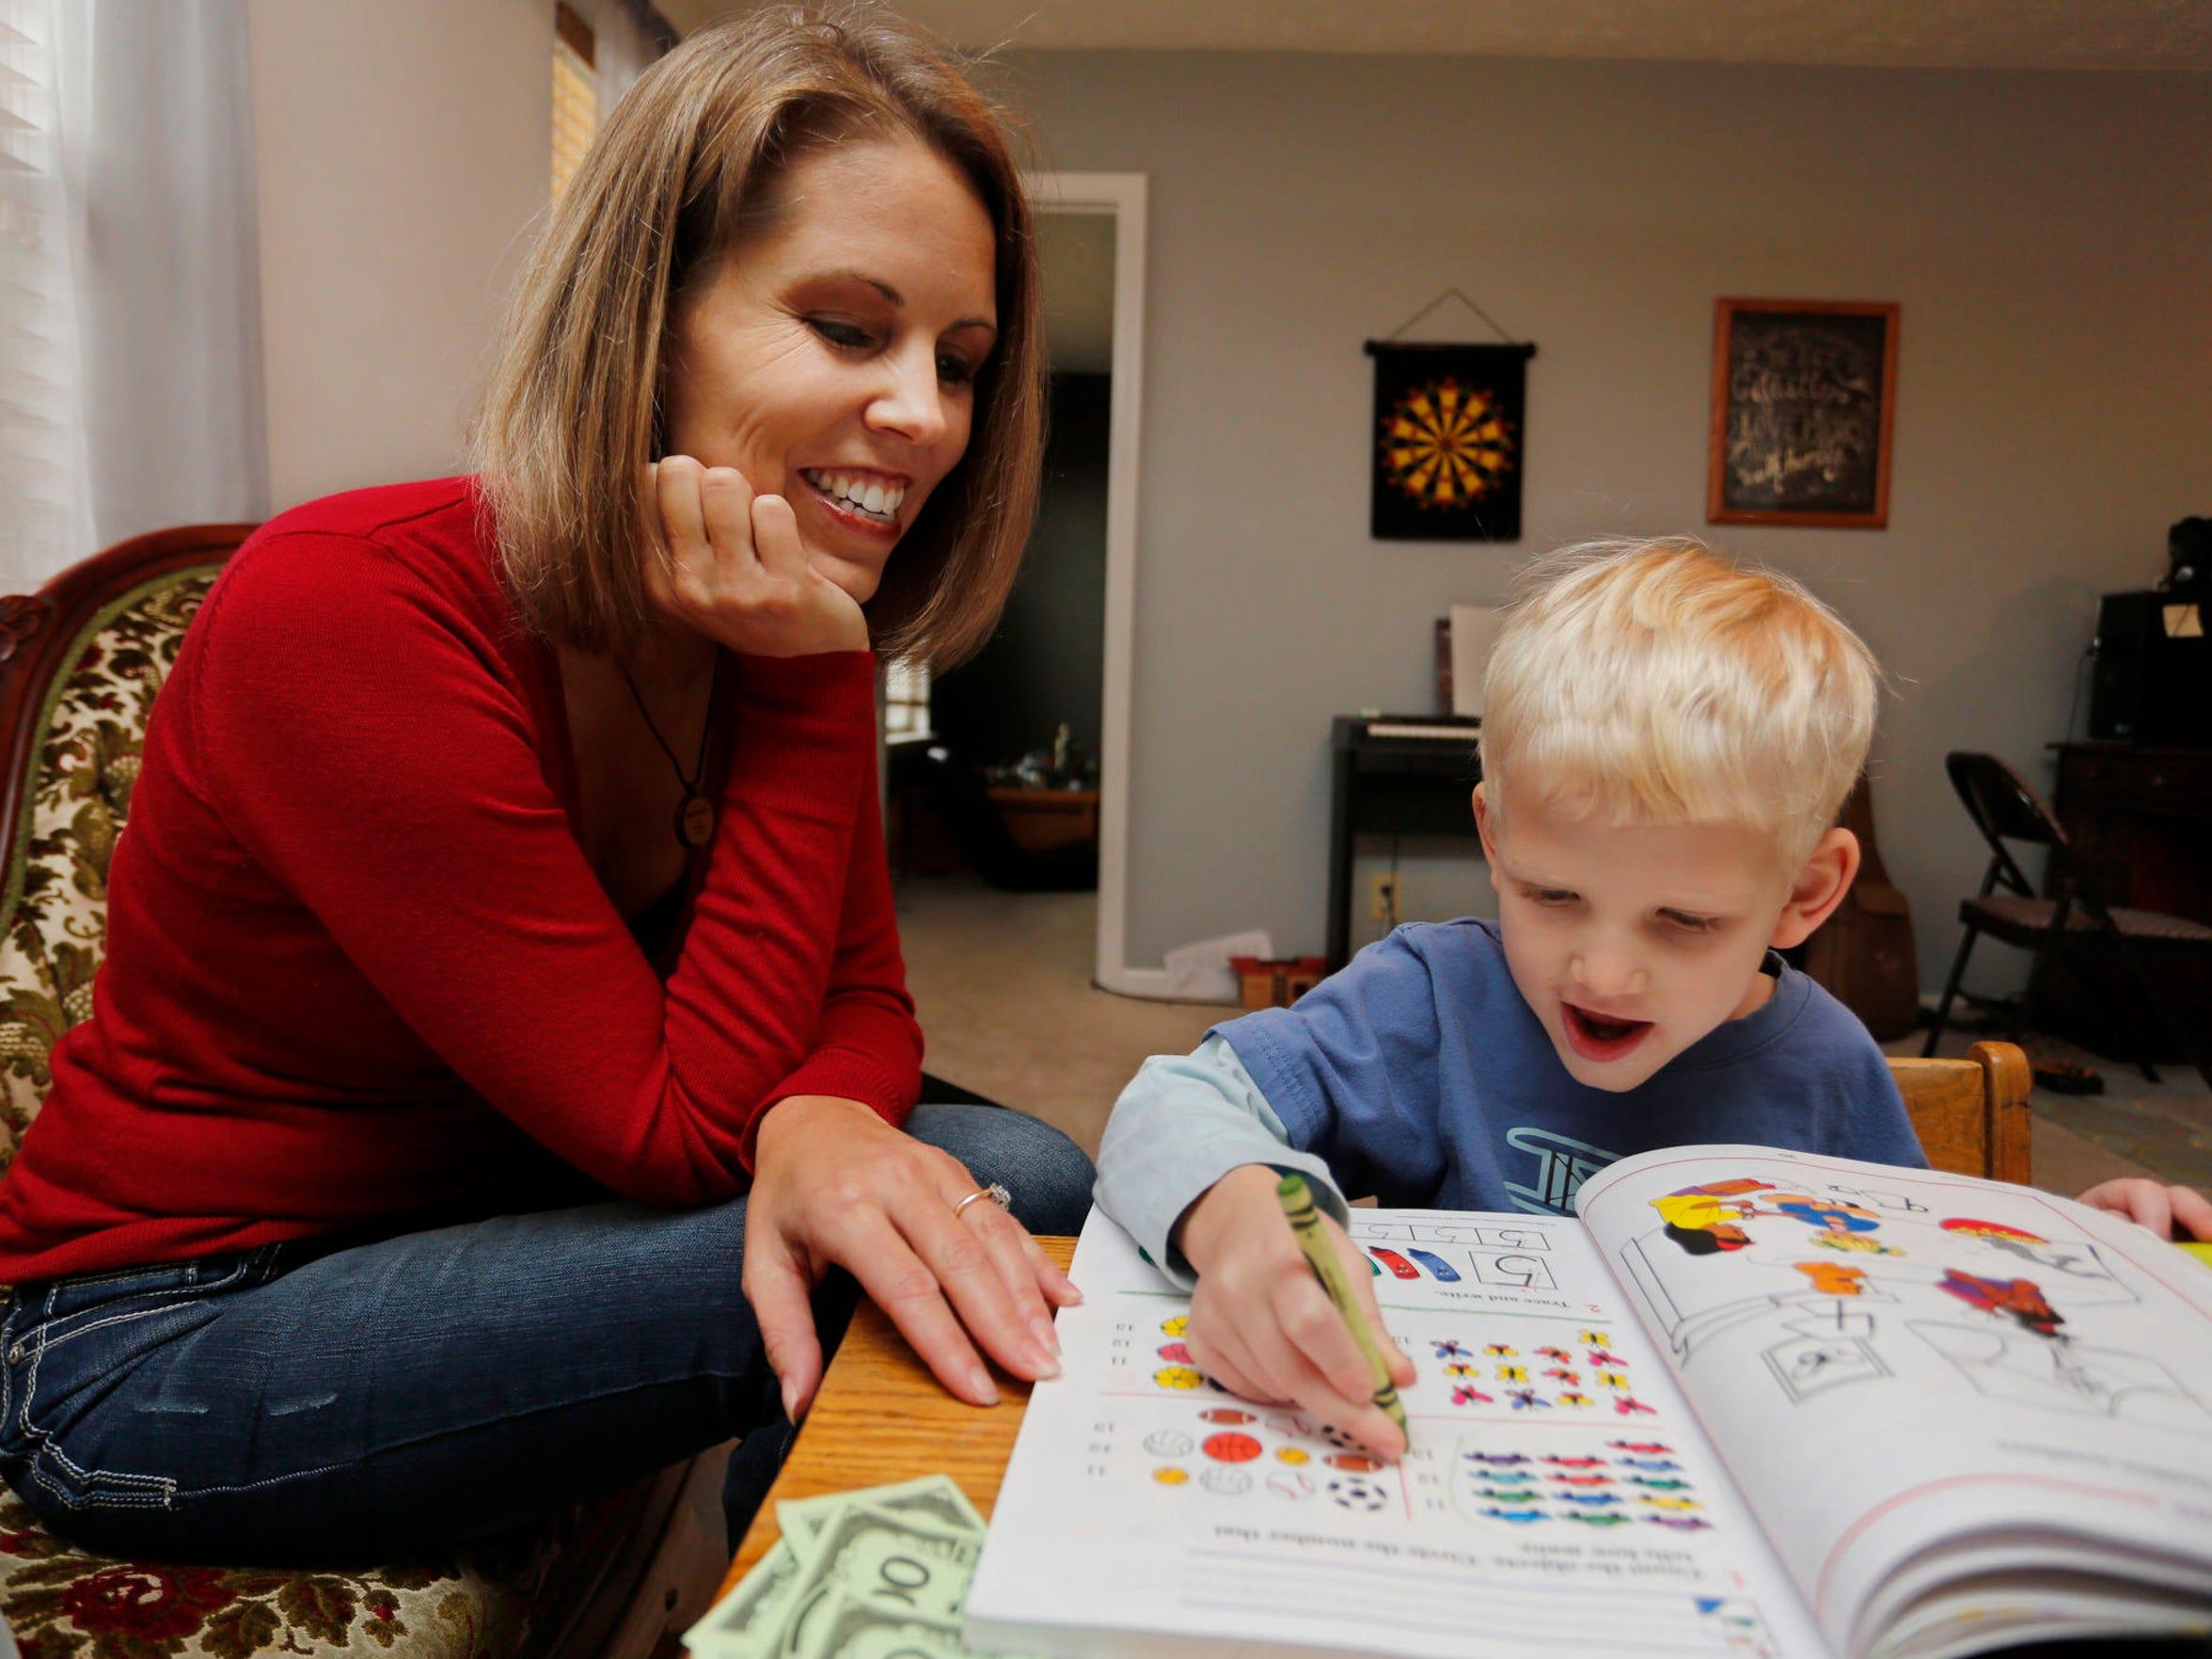 LAF Homeschooling